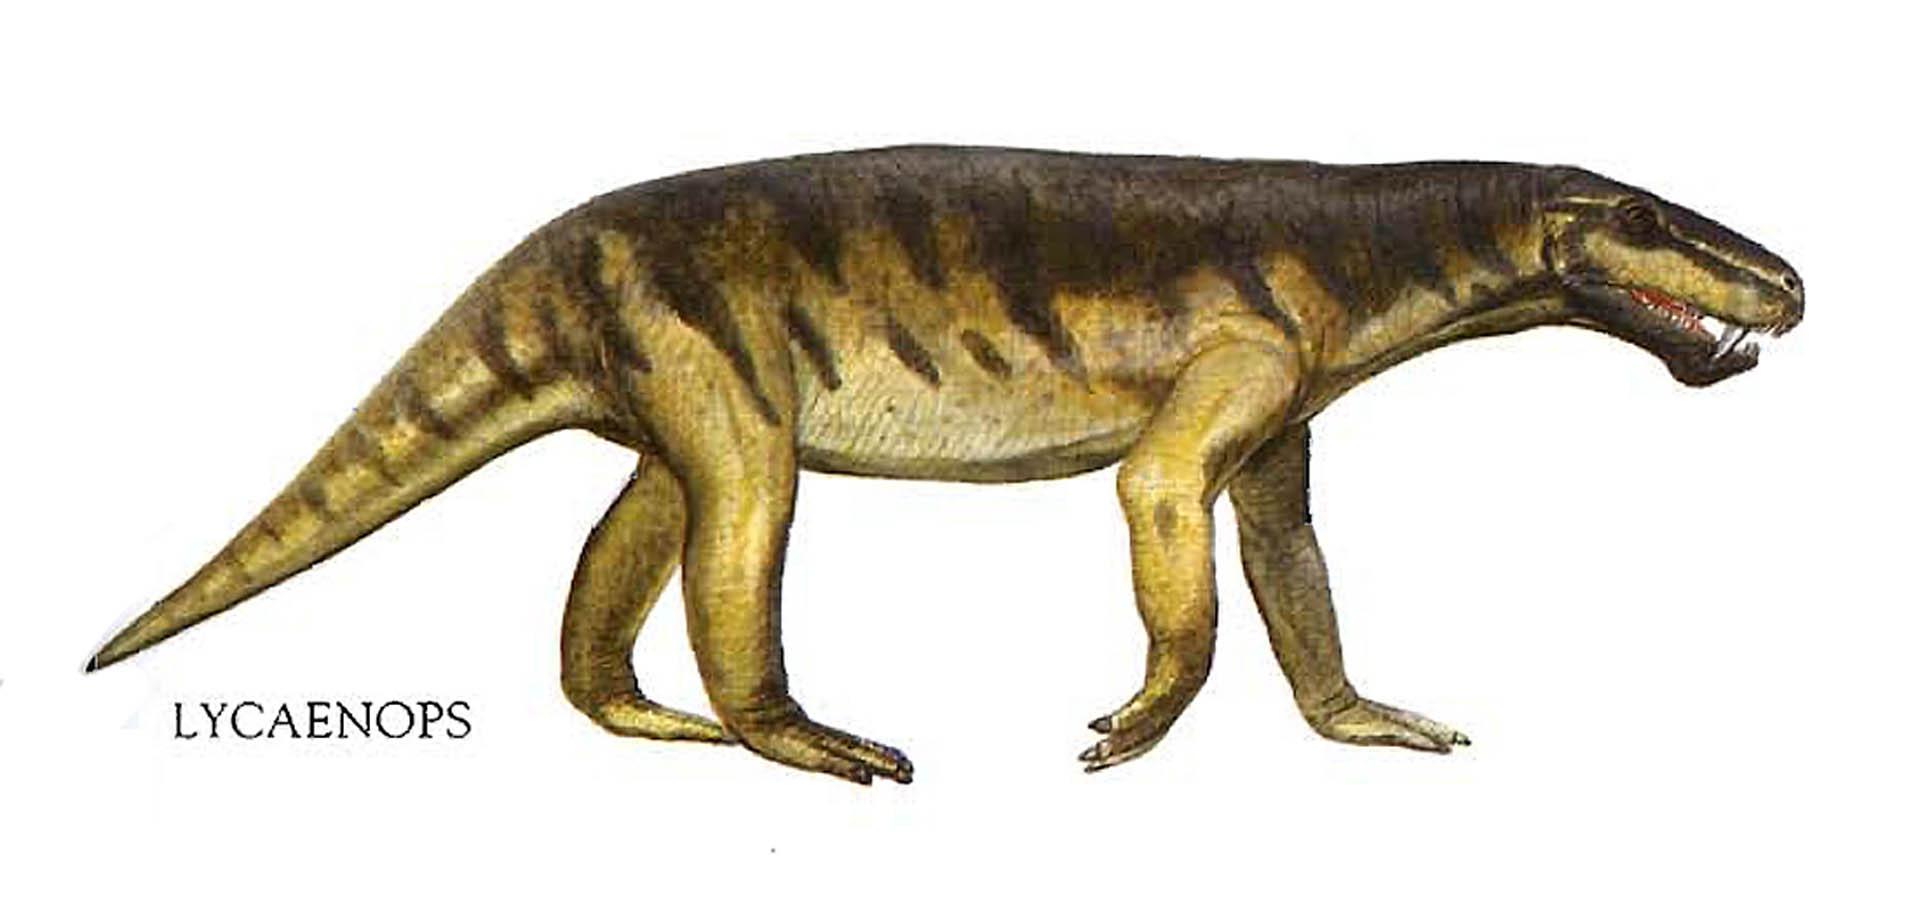 Lycaenops Wolf Lizard